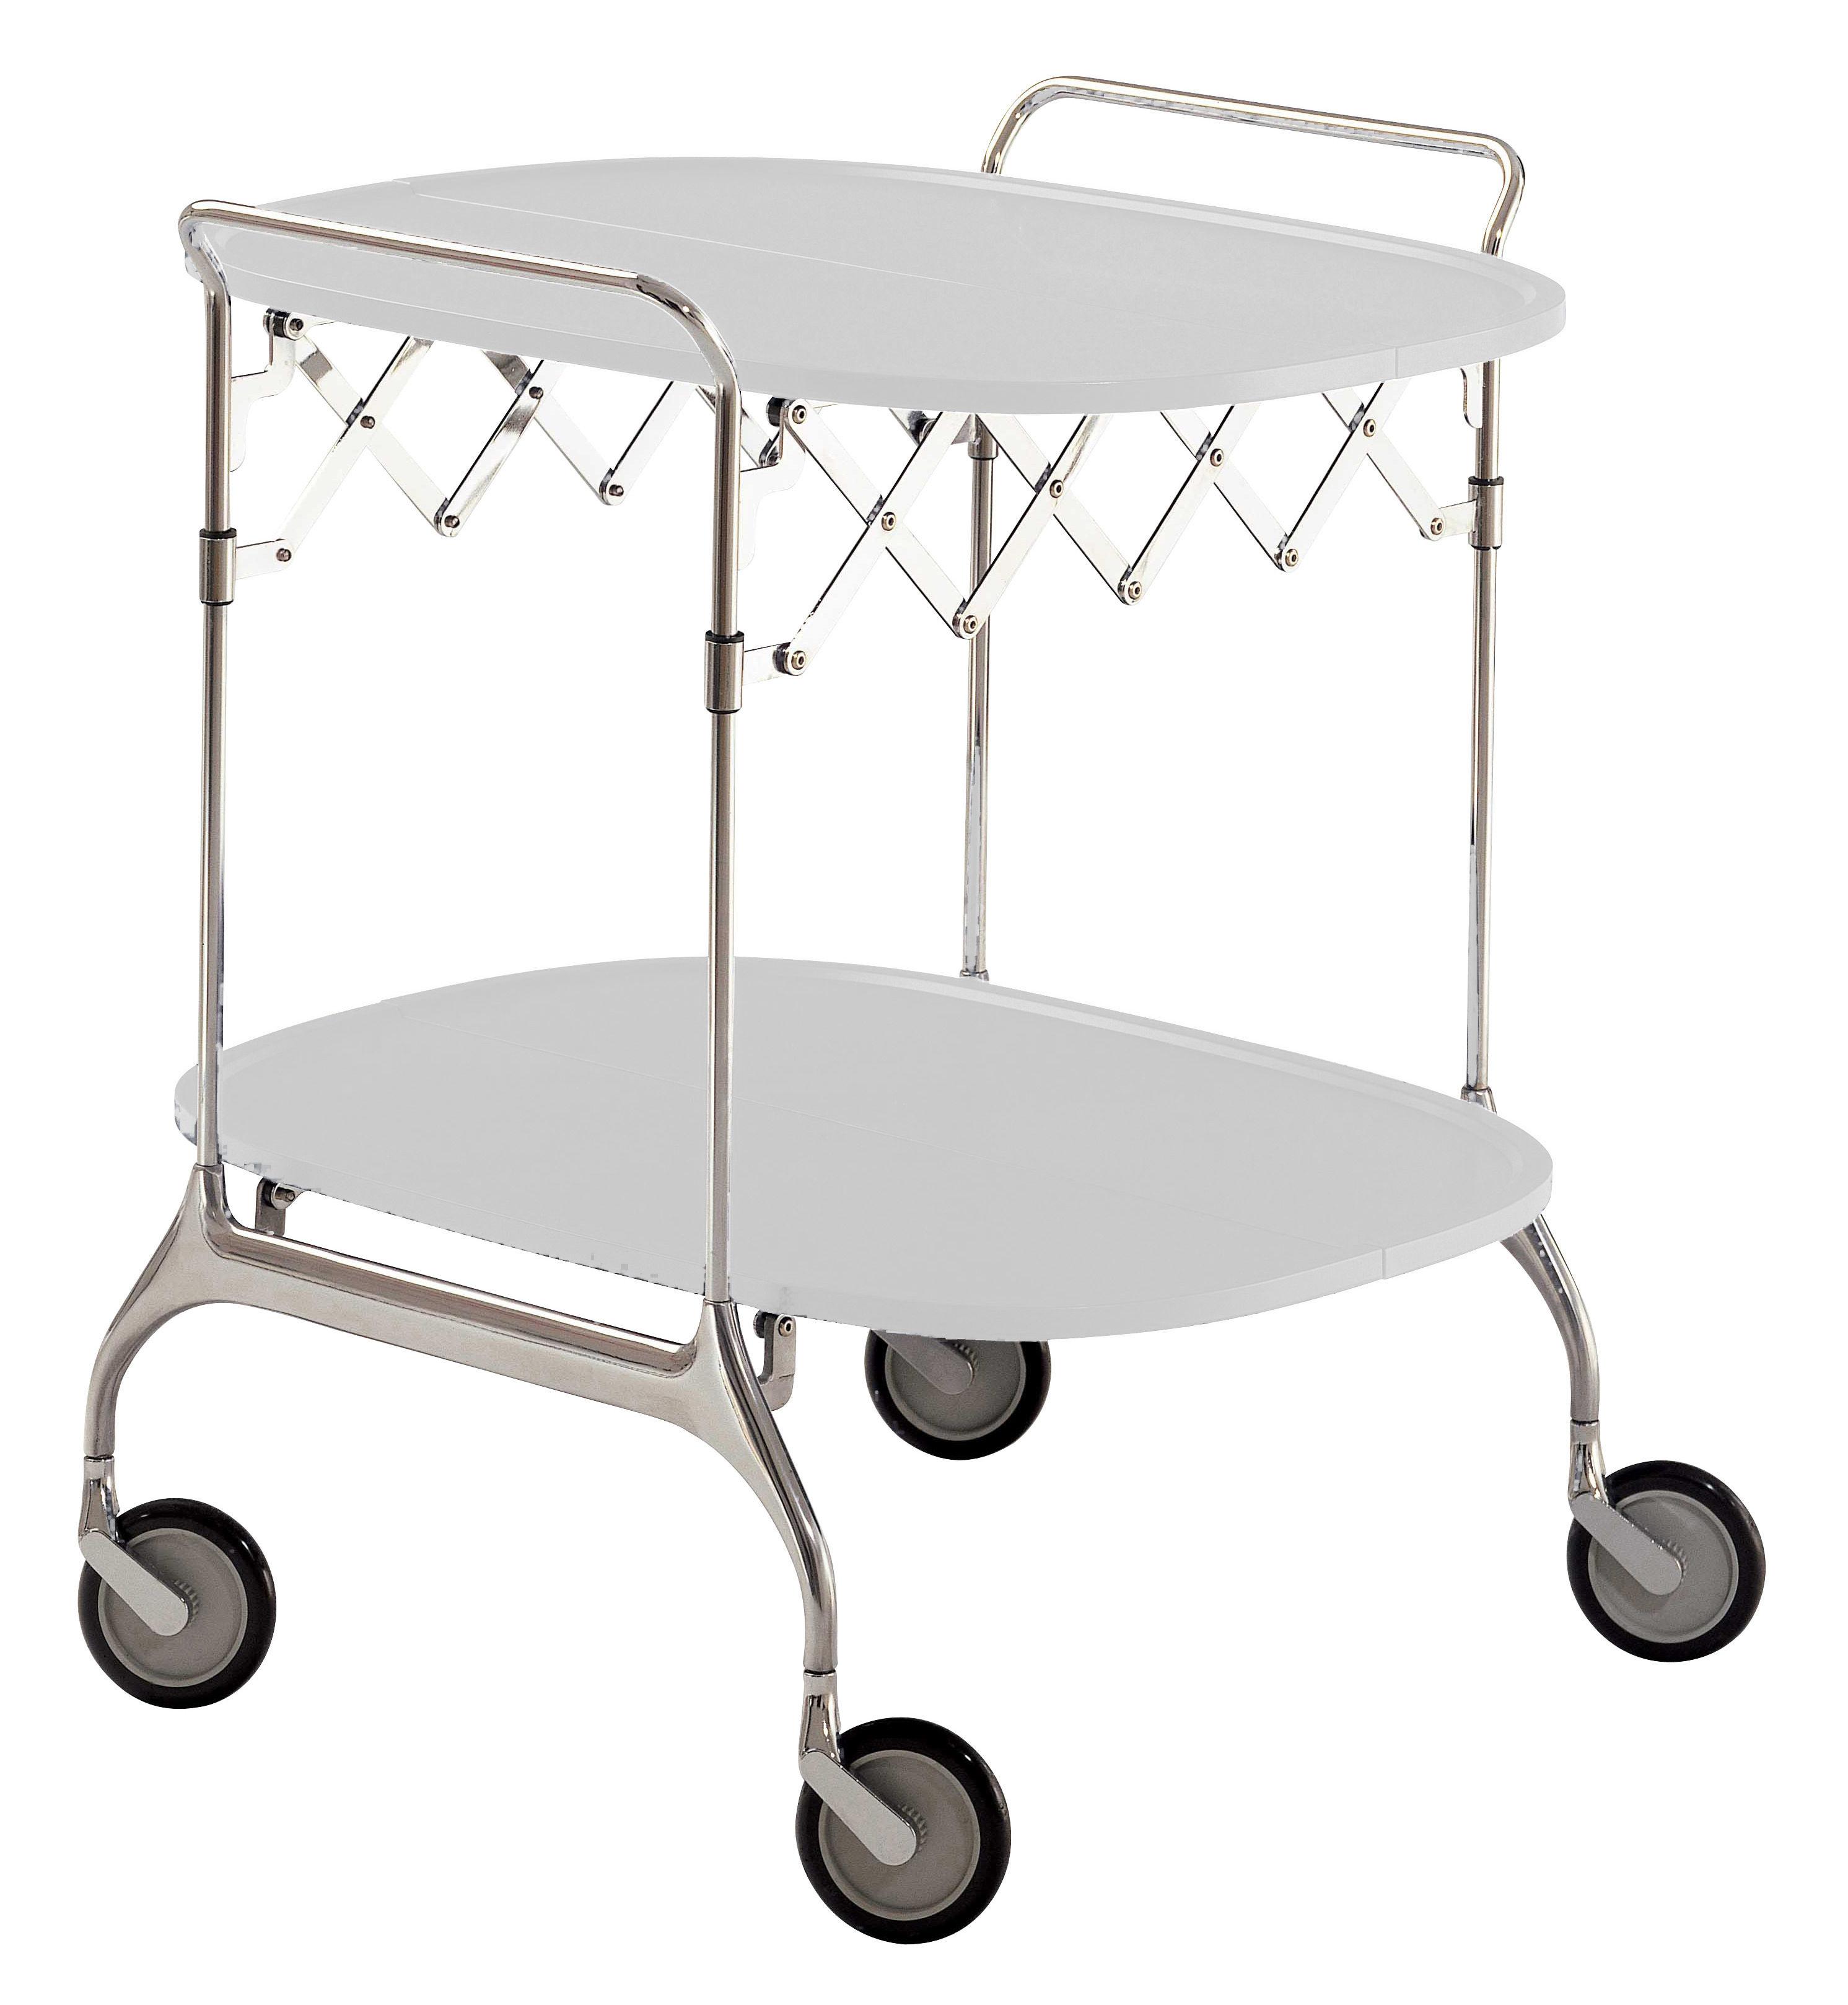 Furniture - Miscellaneous furniture - Gastone Dresser by Kartell - White - Chromed steel, Glass fiber reinforced nylon